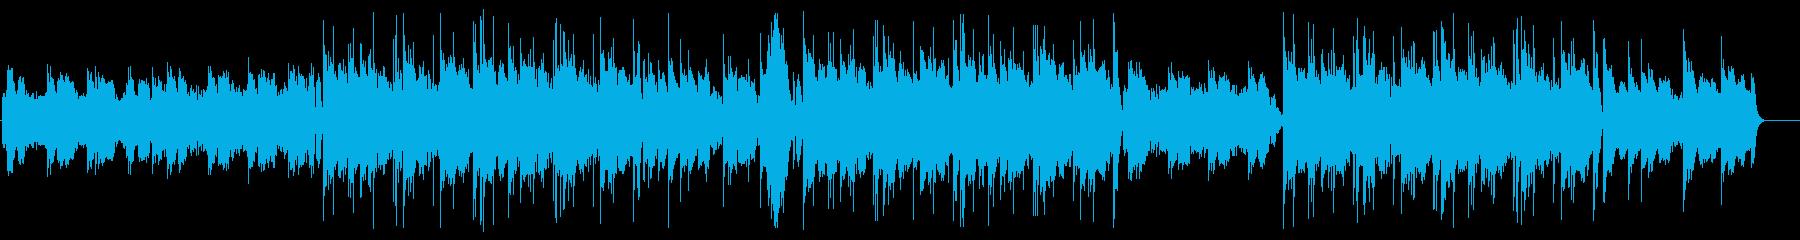 和風hip-hop(ファンタジー幻想的)の再生済みの波形